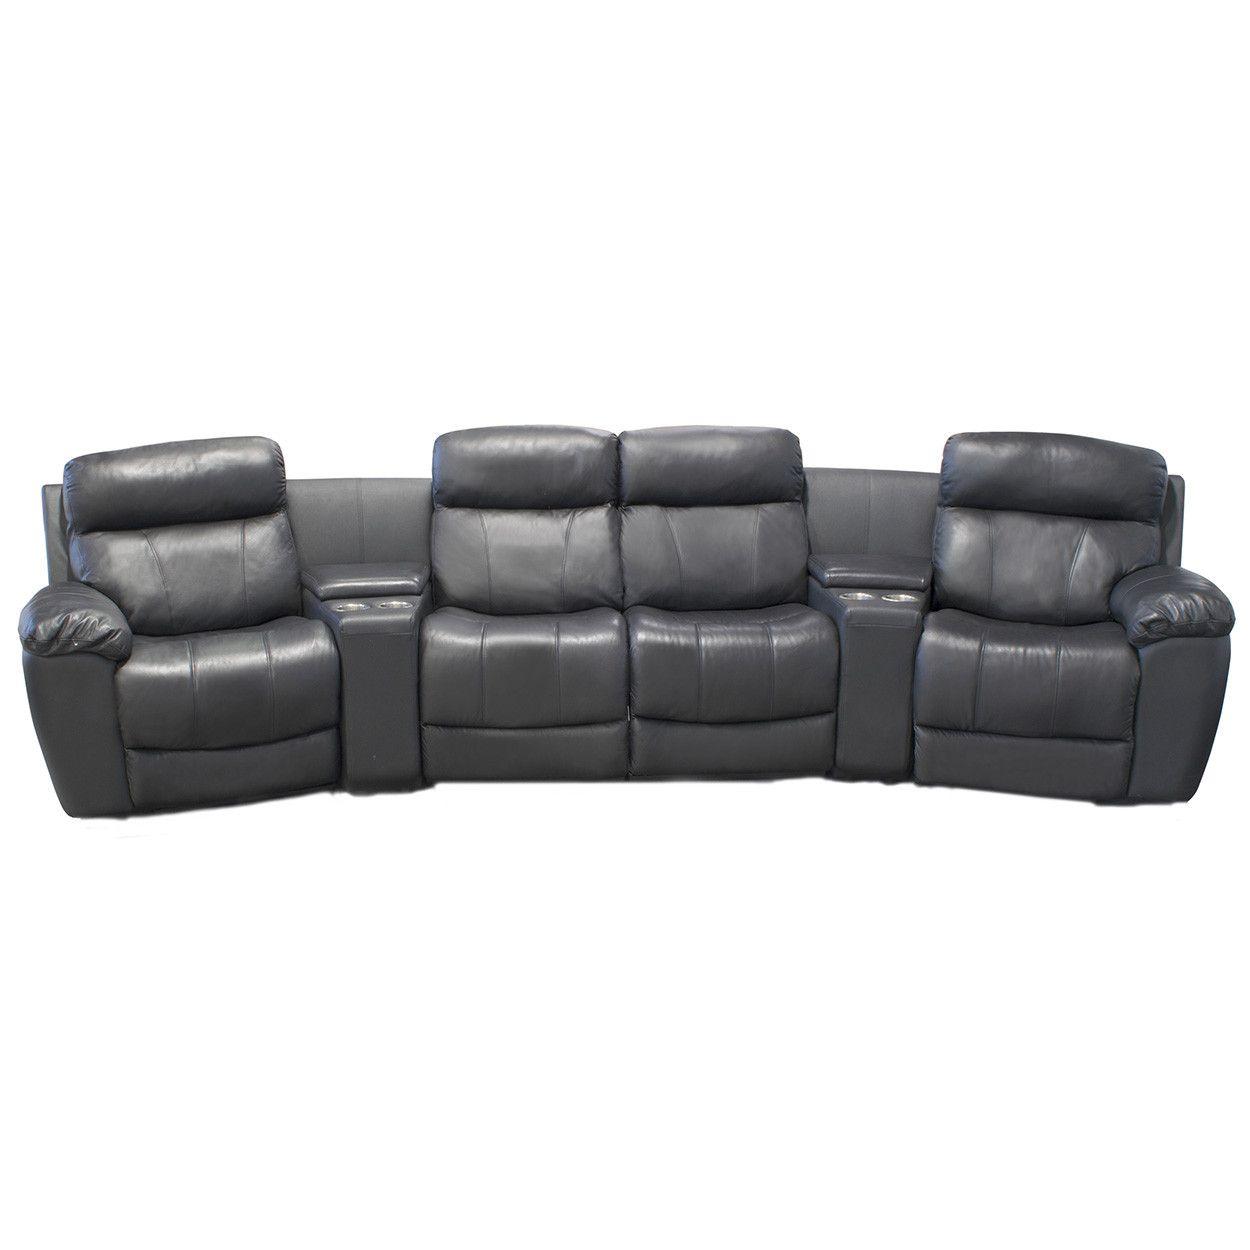 Komplett Schlafsofa Poco In 2020 Couch Beautiful Sofas Home Decor